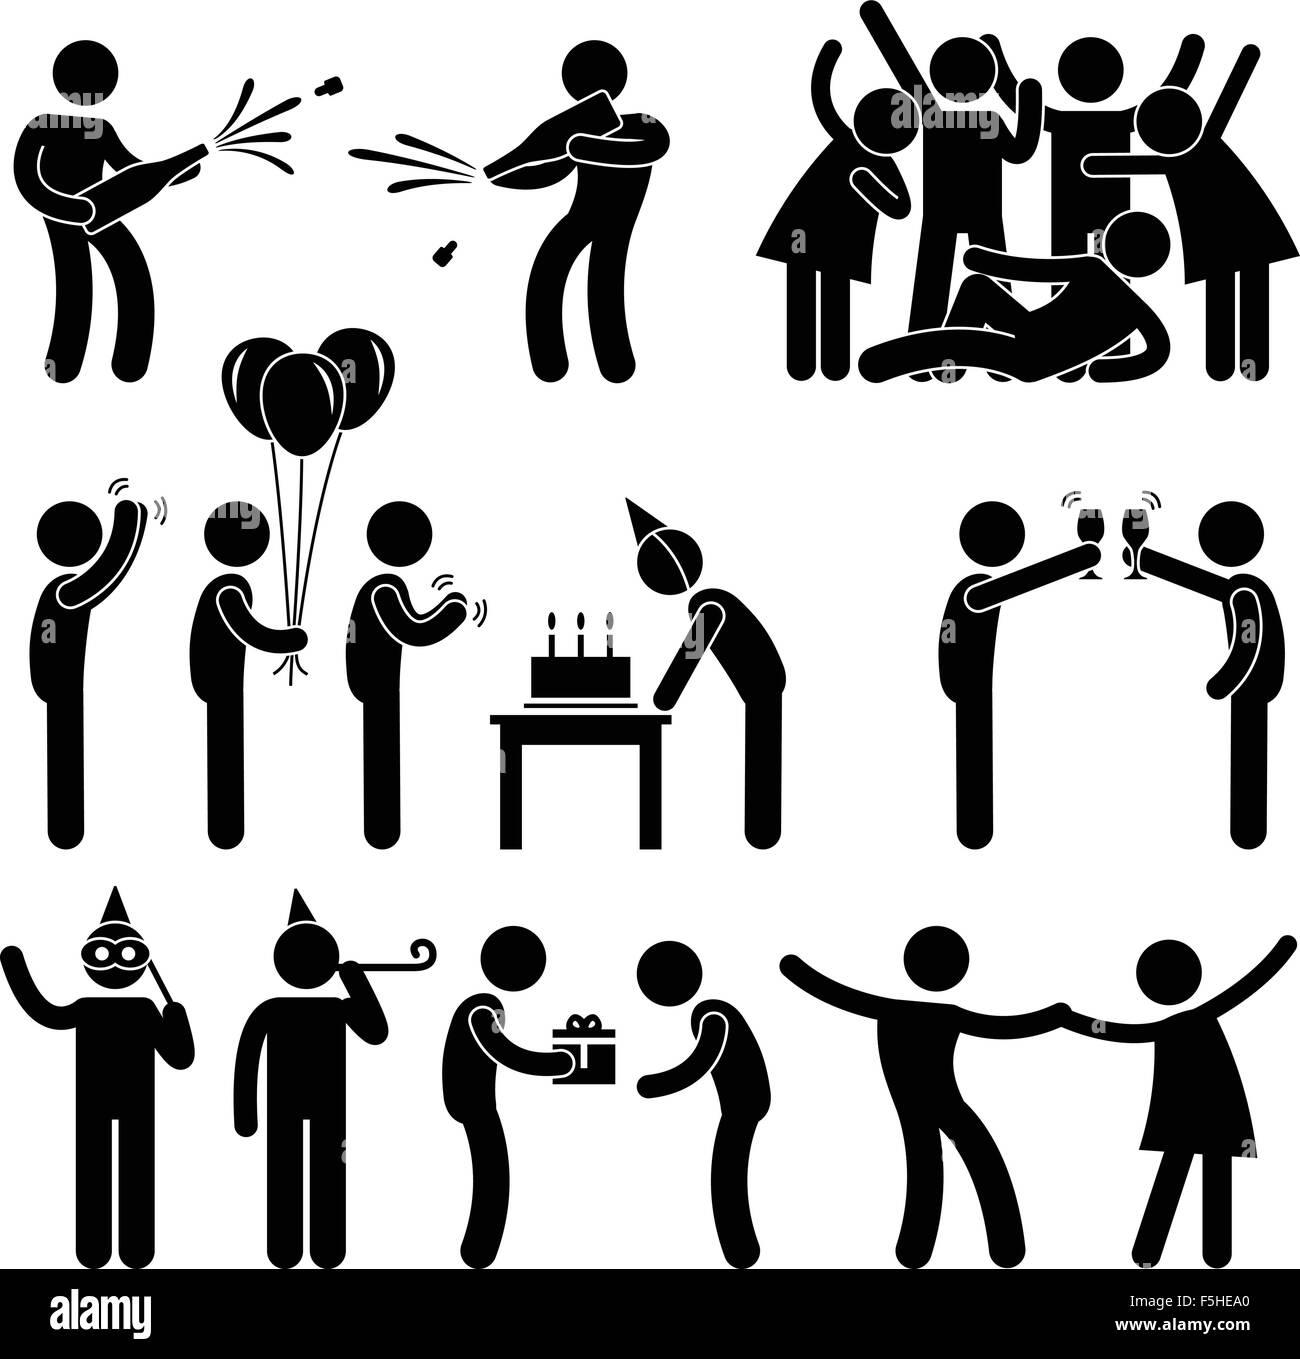 Freund Party Feier Geburtstag Icon Symbol Zeichen Piktogramm Vektor